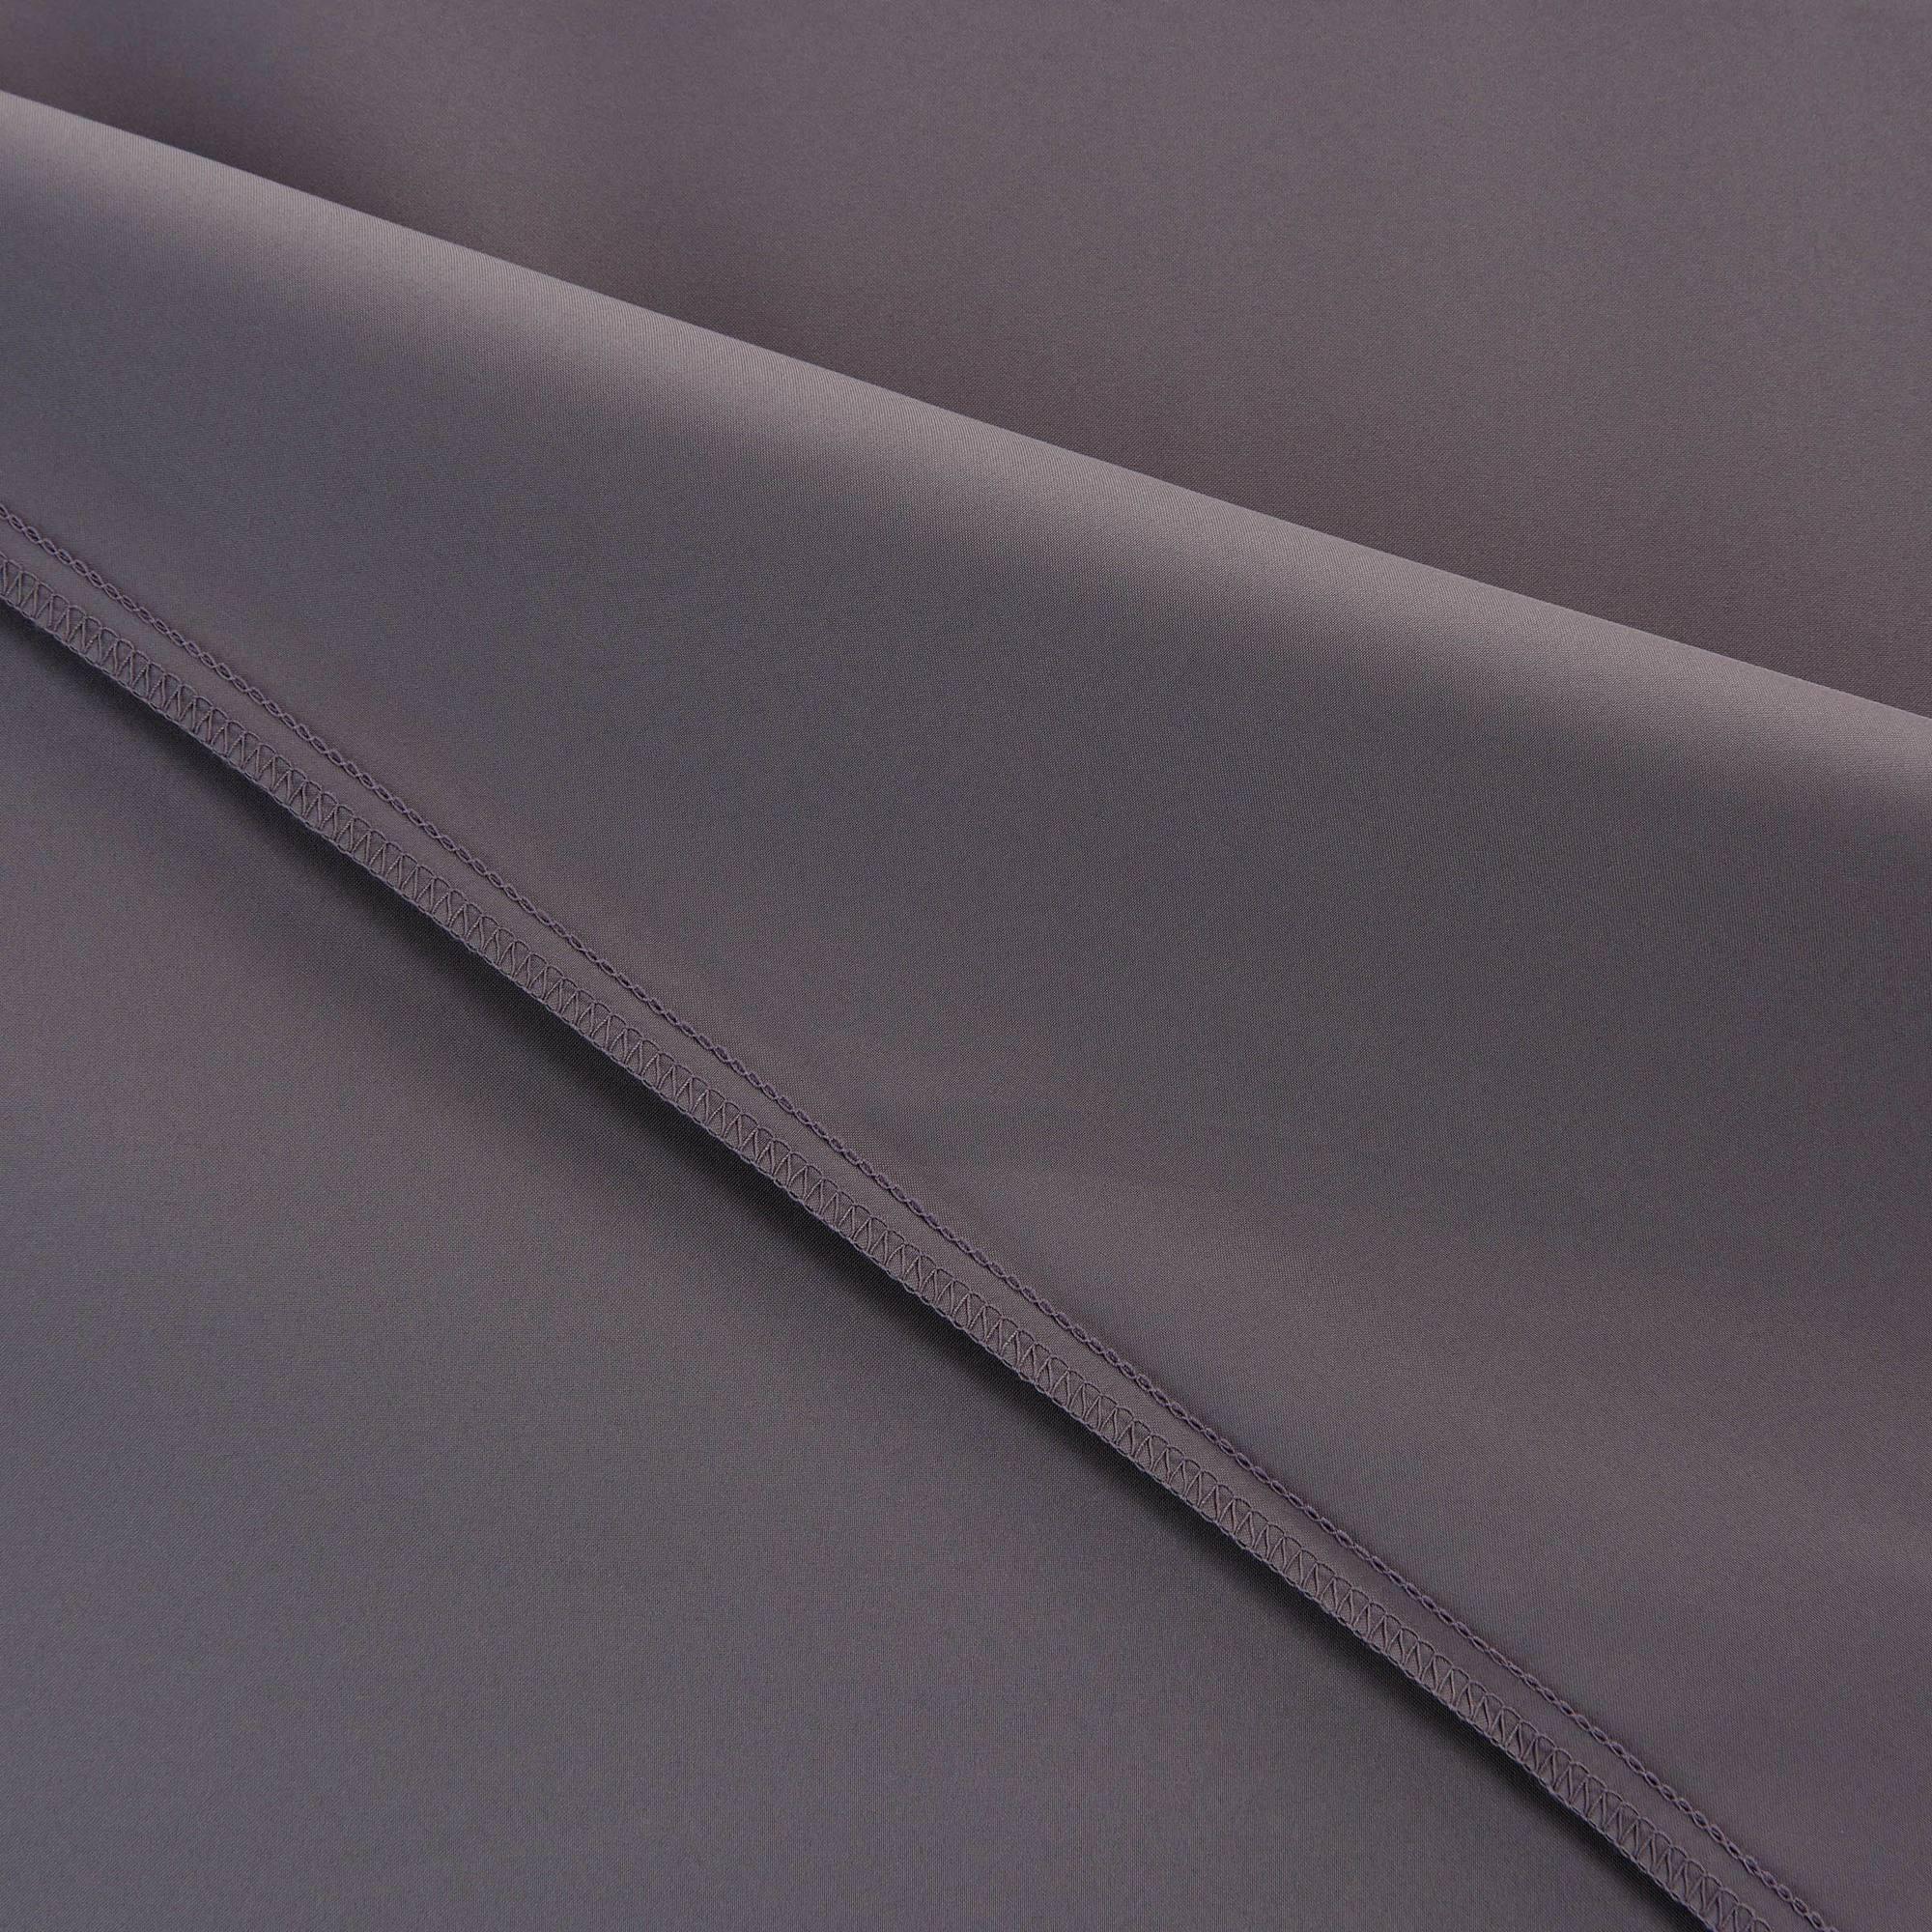 Drap de sac polyester clubs collectivit s decathlon pro - Draps jetables decathlon ...